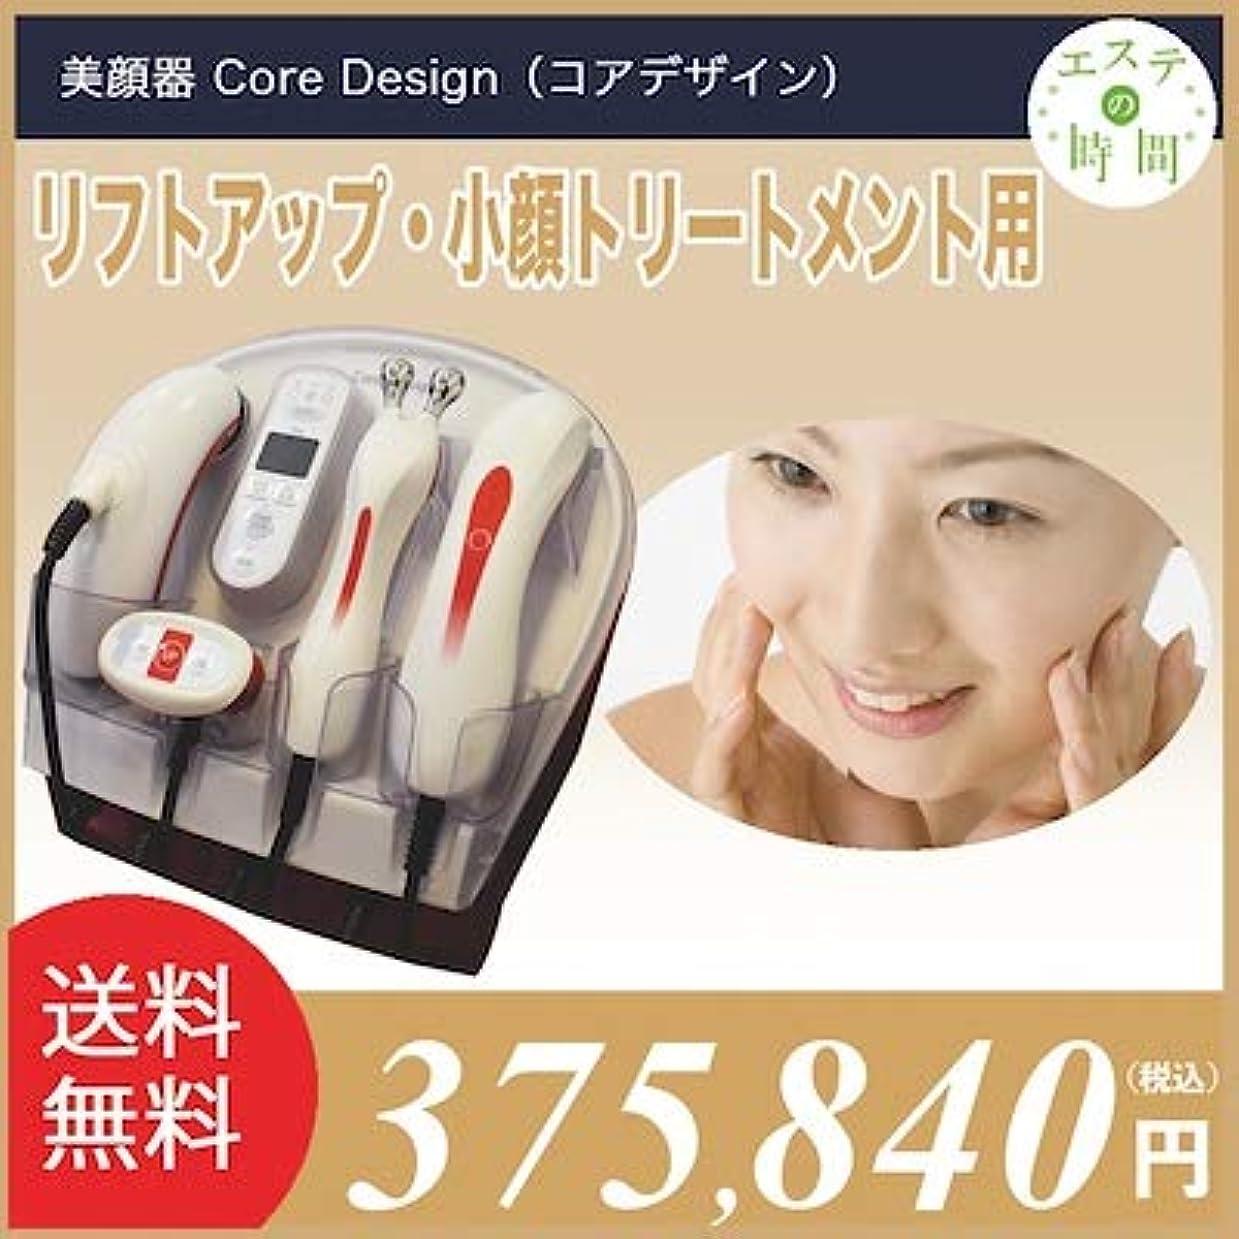 ボス波属する日本製 エステ業務用 美顔器 Core Design (コアデザイン)/ 全国どこでも無償納品研修付